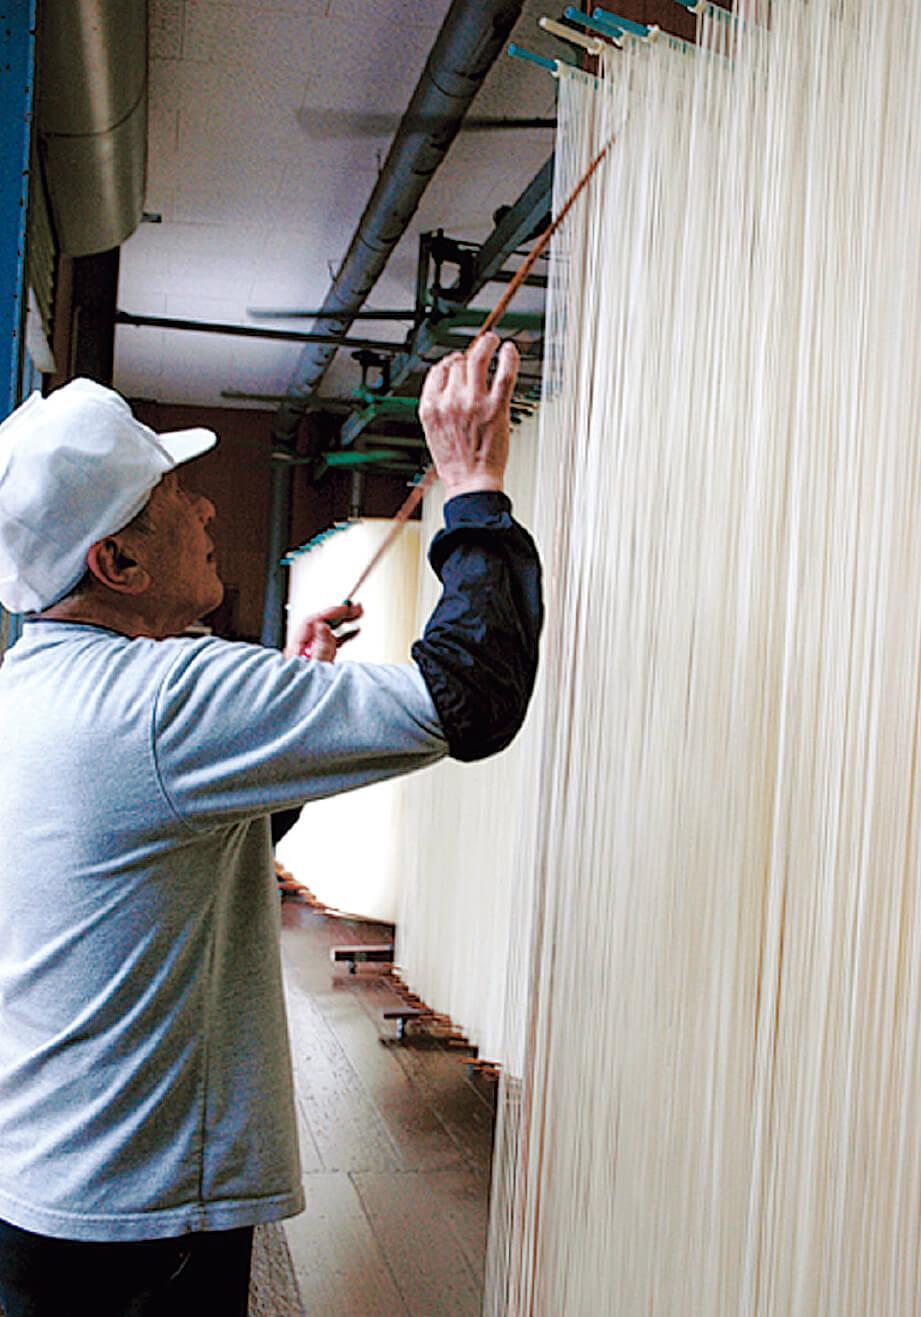 「淡路島ぬーどる」に使われる太くて長い麺は、天保年間から続く「淡路手延べ素麺」の技法を応用してつくられたものだ